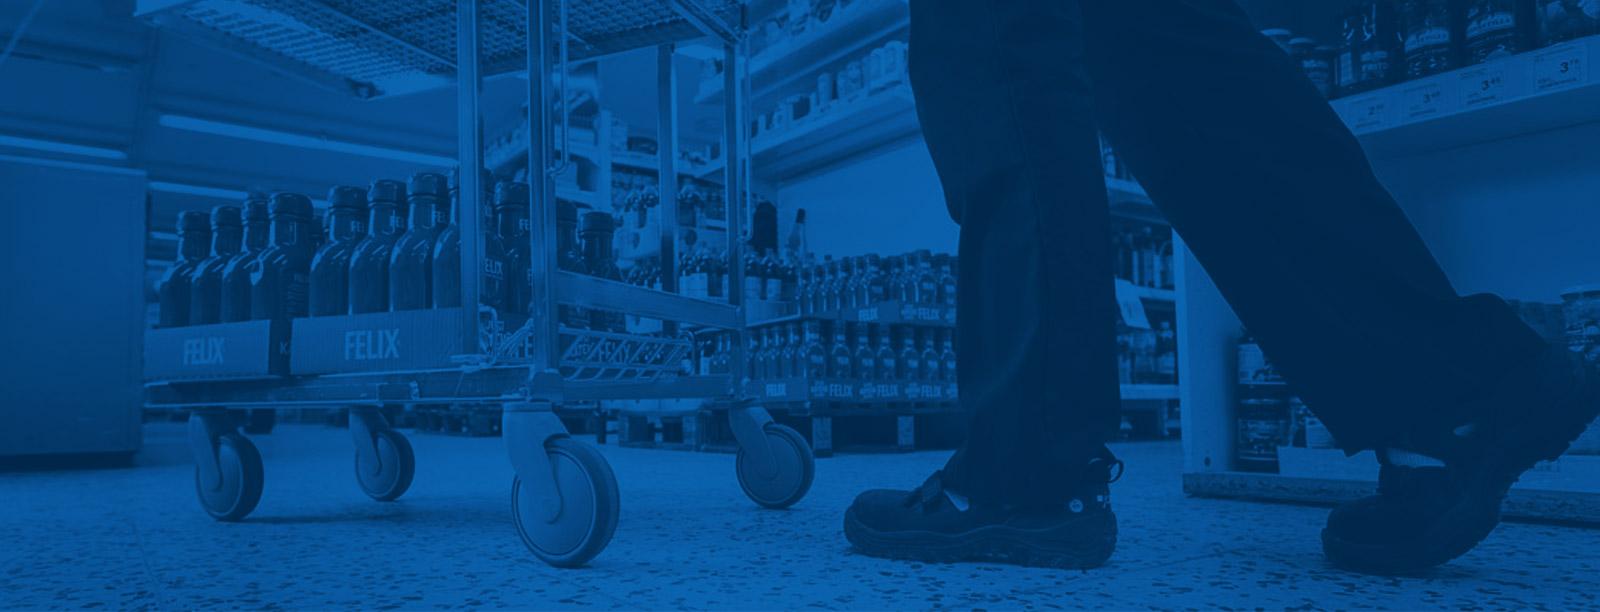 Manners möbel- och apparathjul passar anstalter och affärer